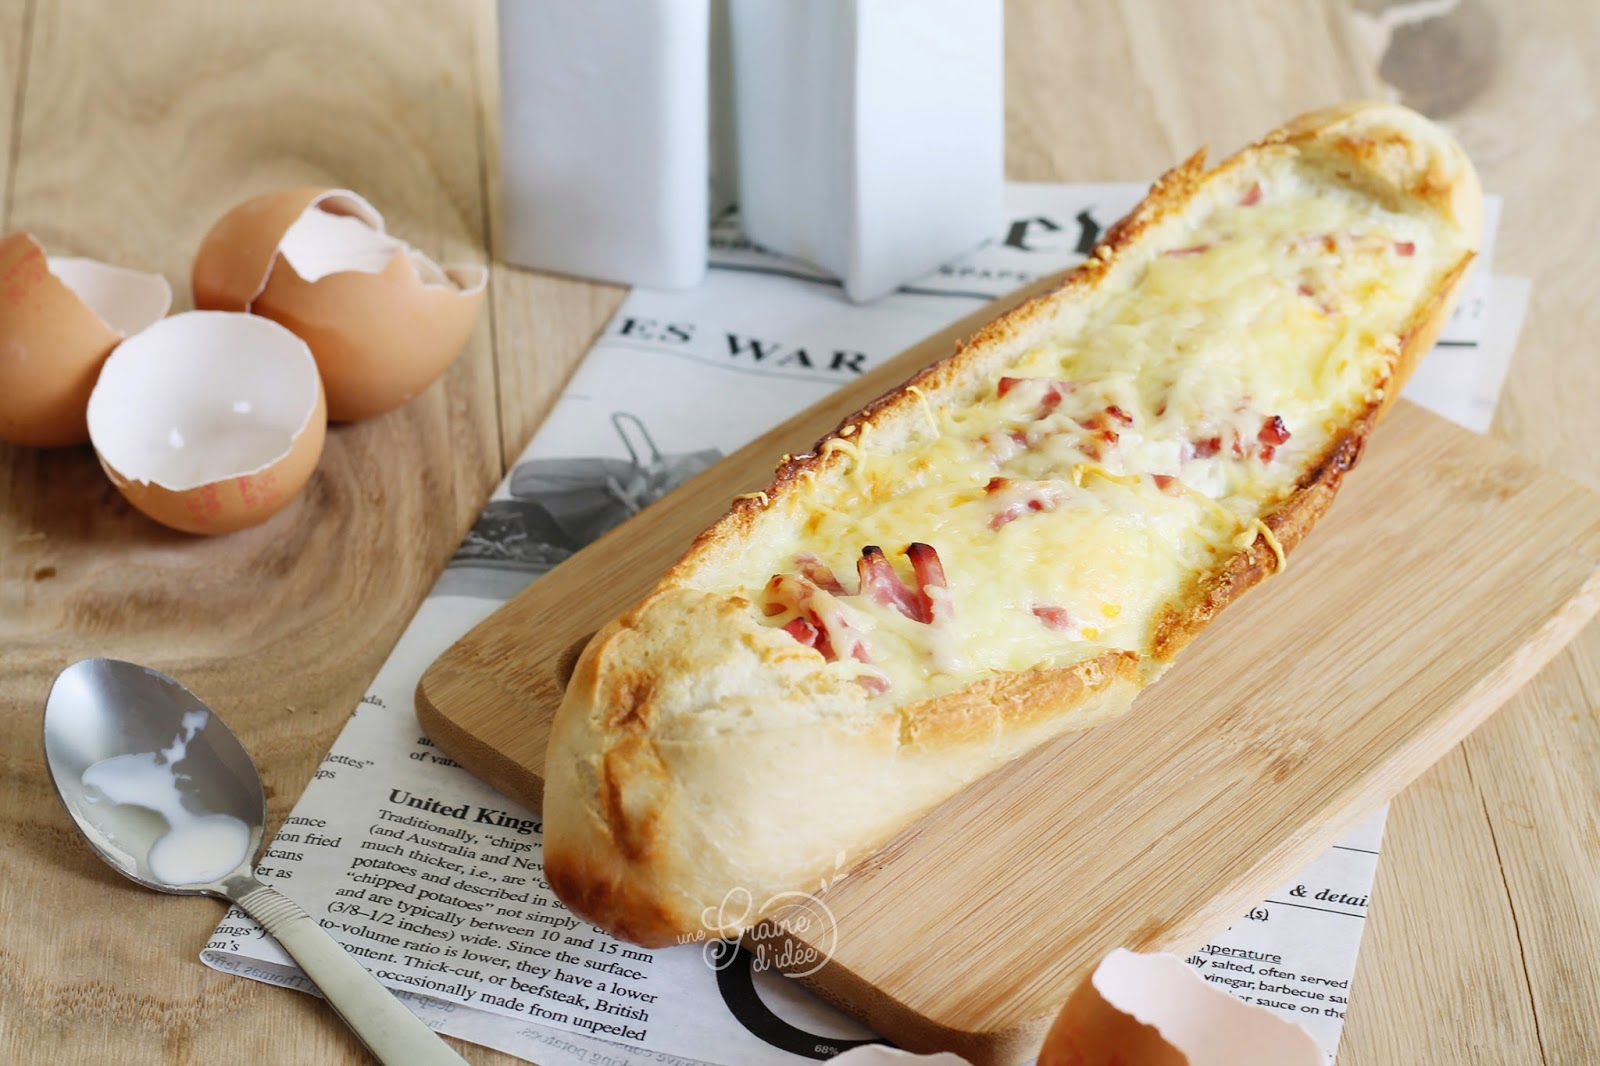 Egg Boat Allumettes Jambon Oeufs Crème Emmental Râpé - Une Graine d'Idée